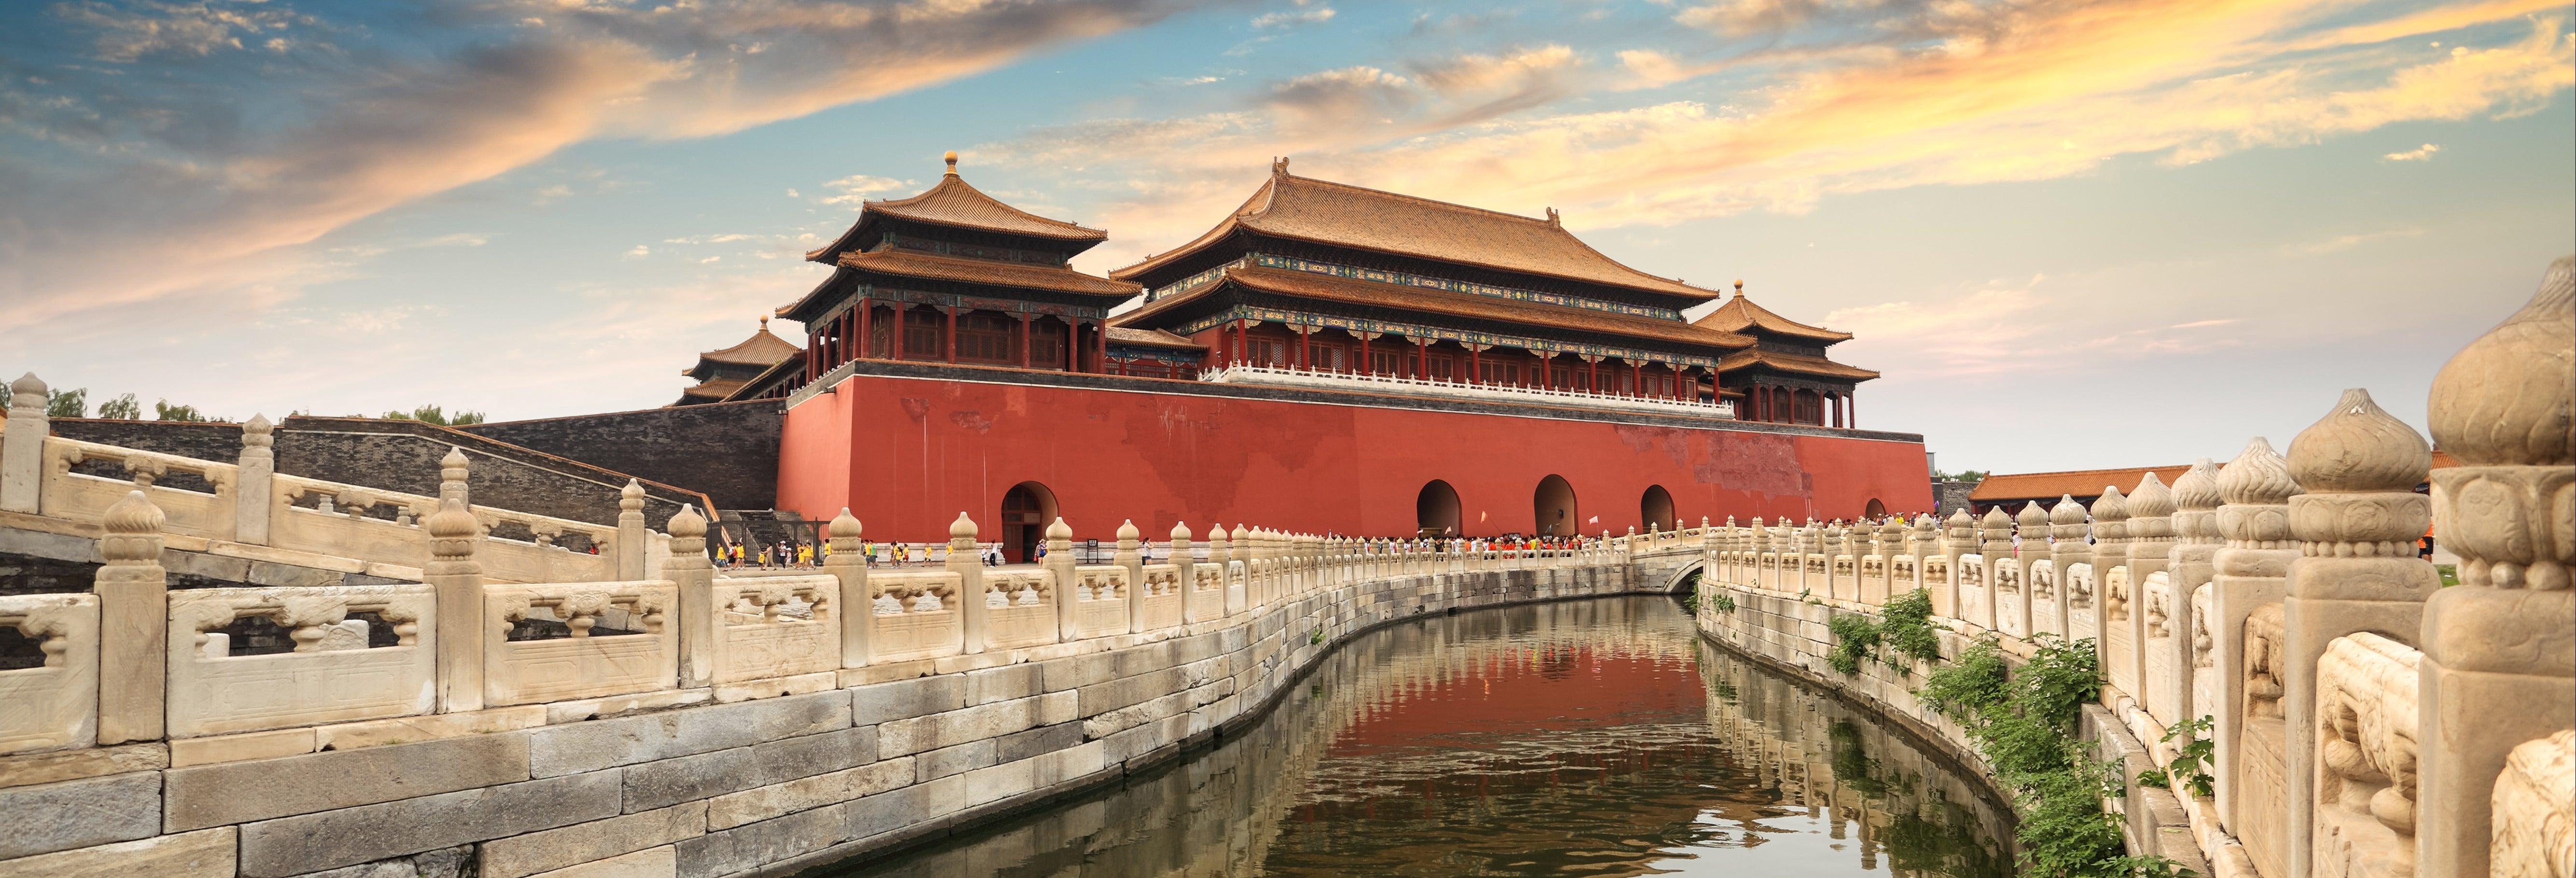 Ciudad Prohibida y Plaza de Tiananmen finalizando en Pekín